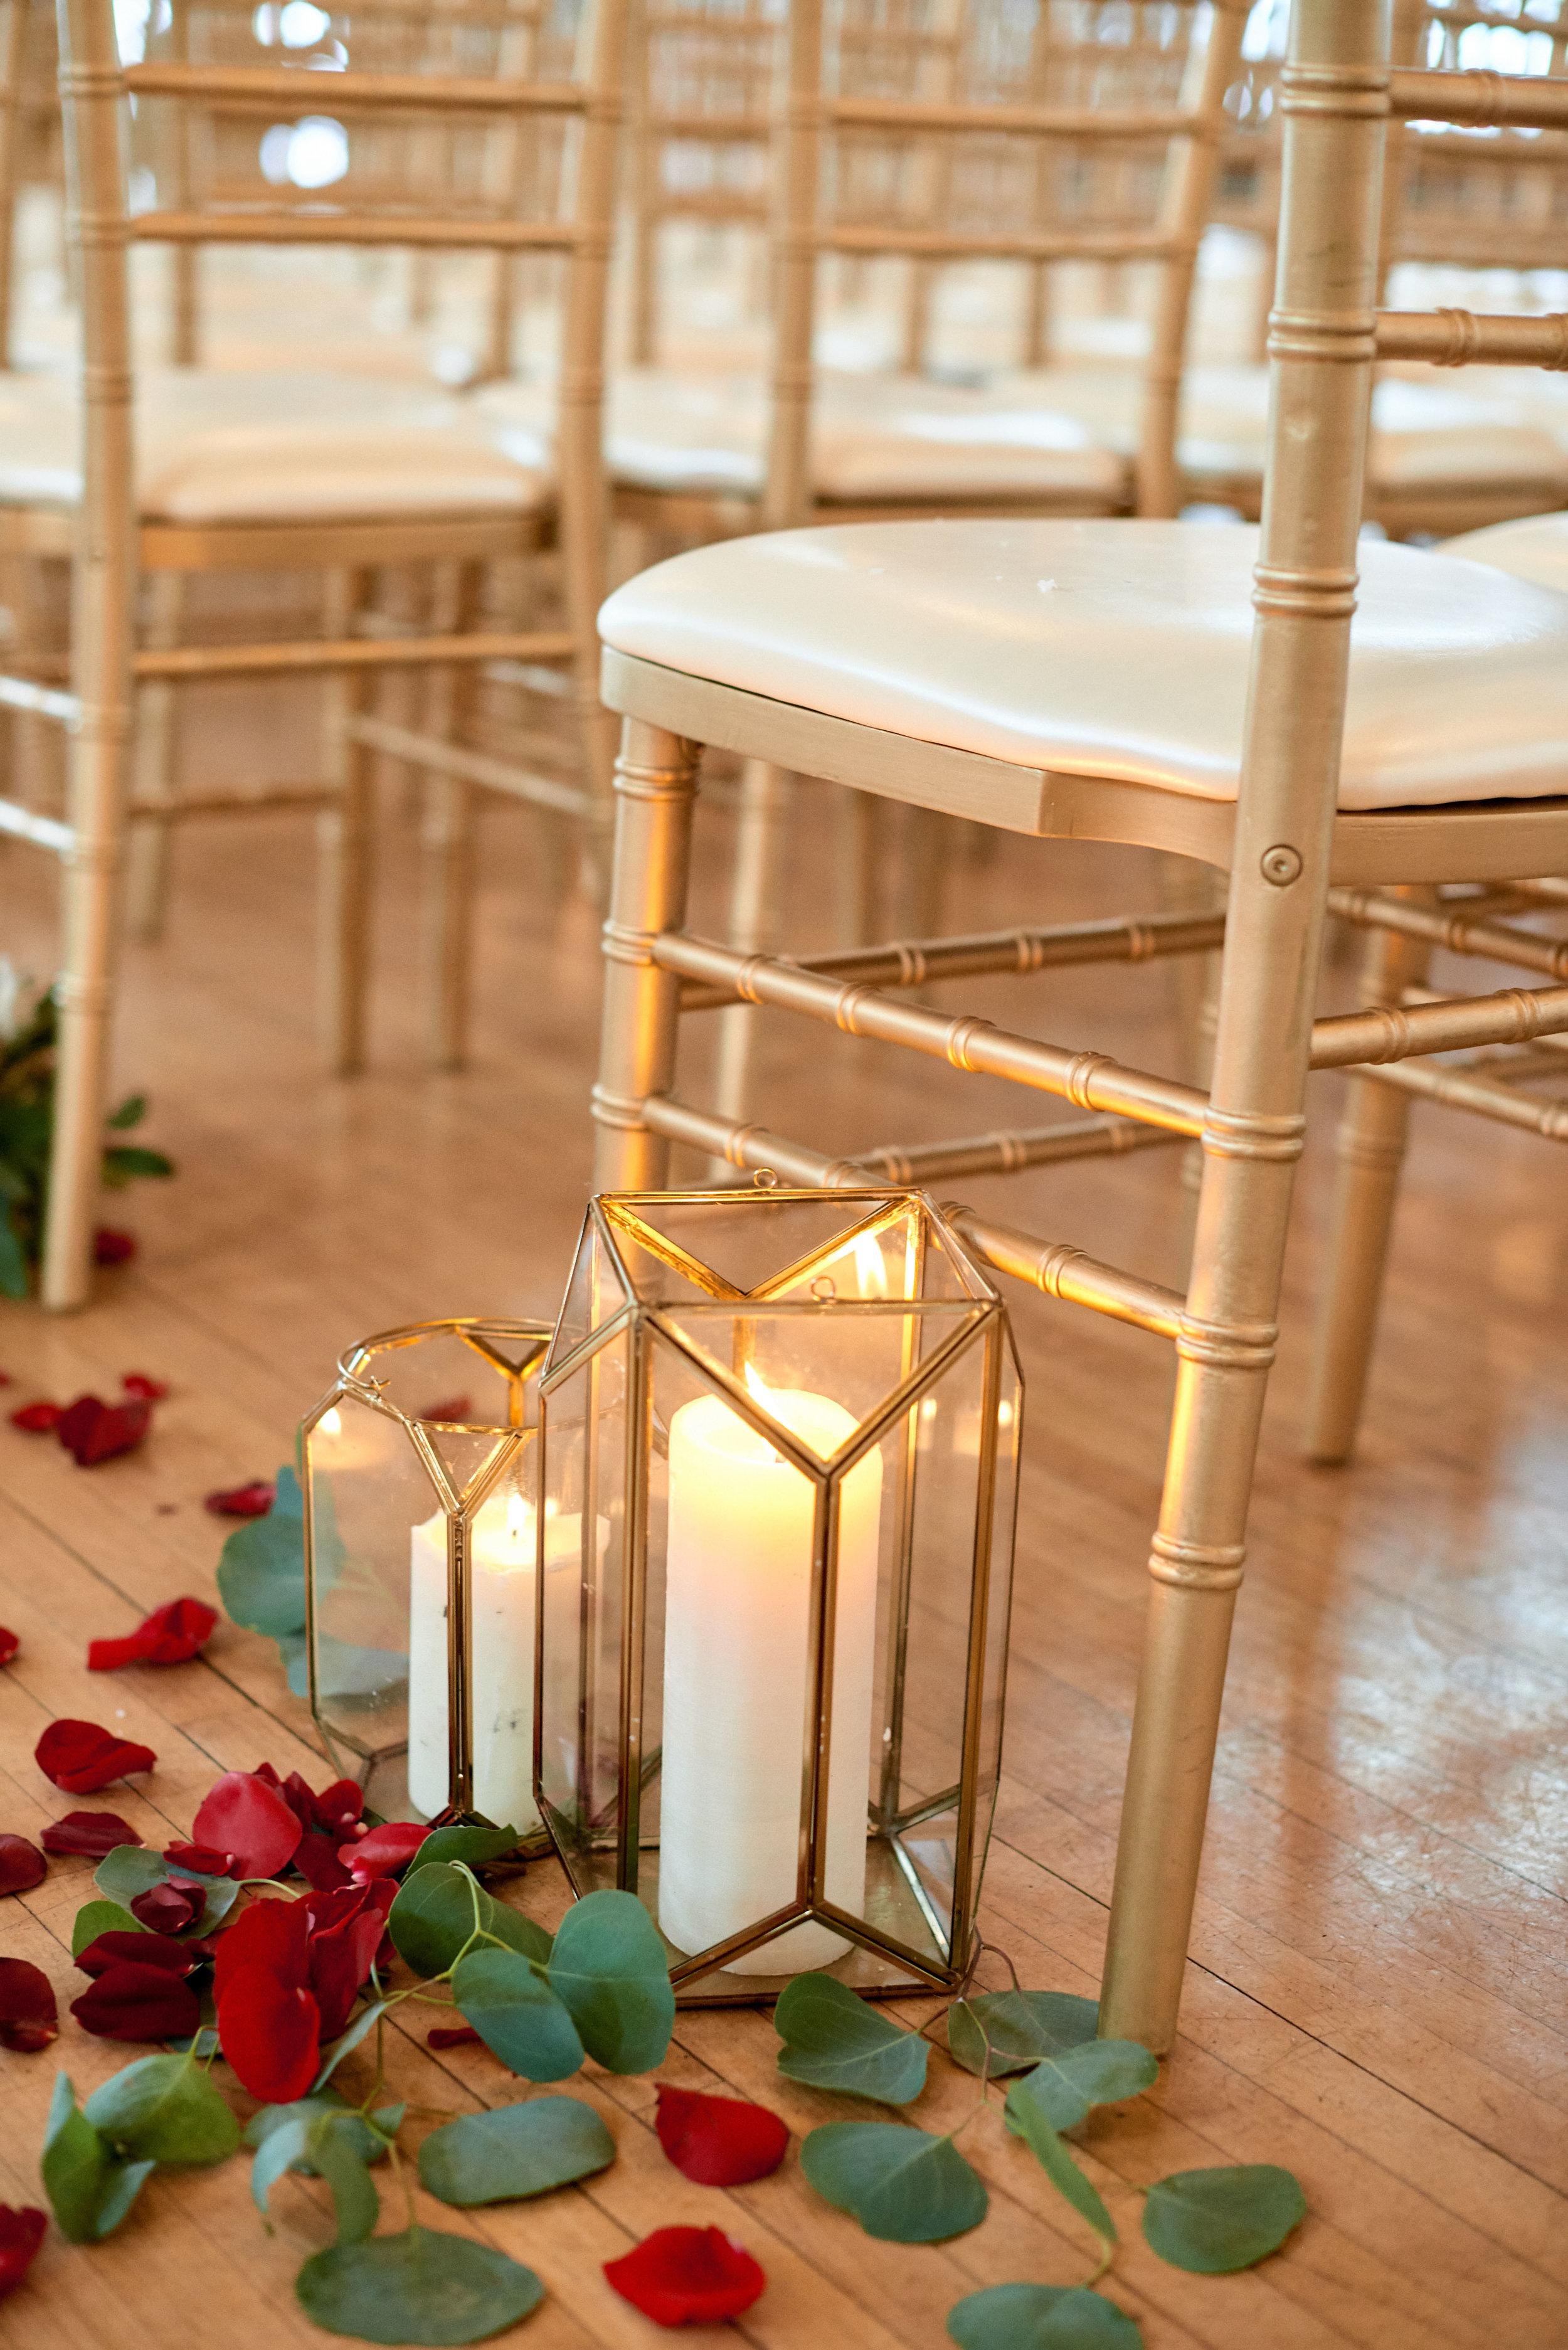 253-rothschild-pavilion-winter-wedding.jpg